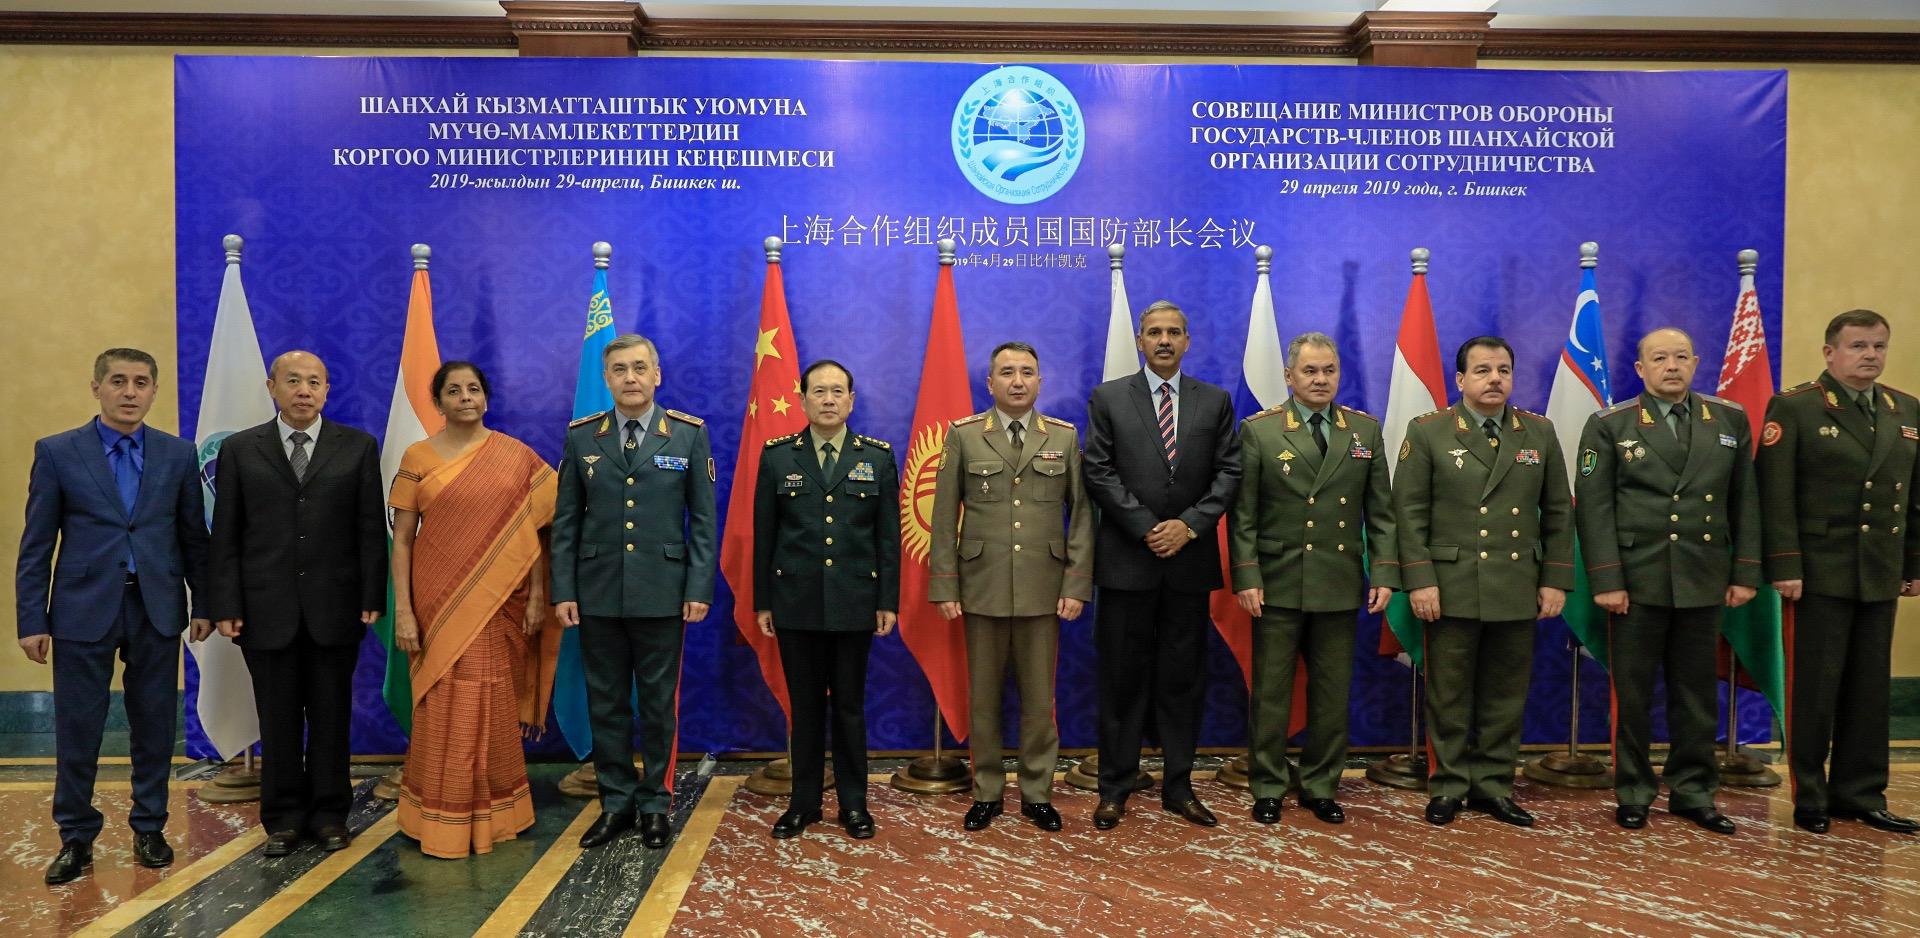 Минобороны стран ШОС приняли план сотрудничества на 2020-2021 годы